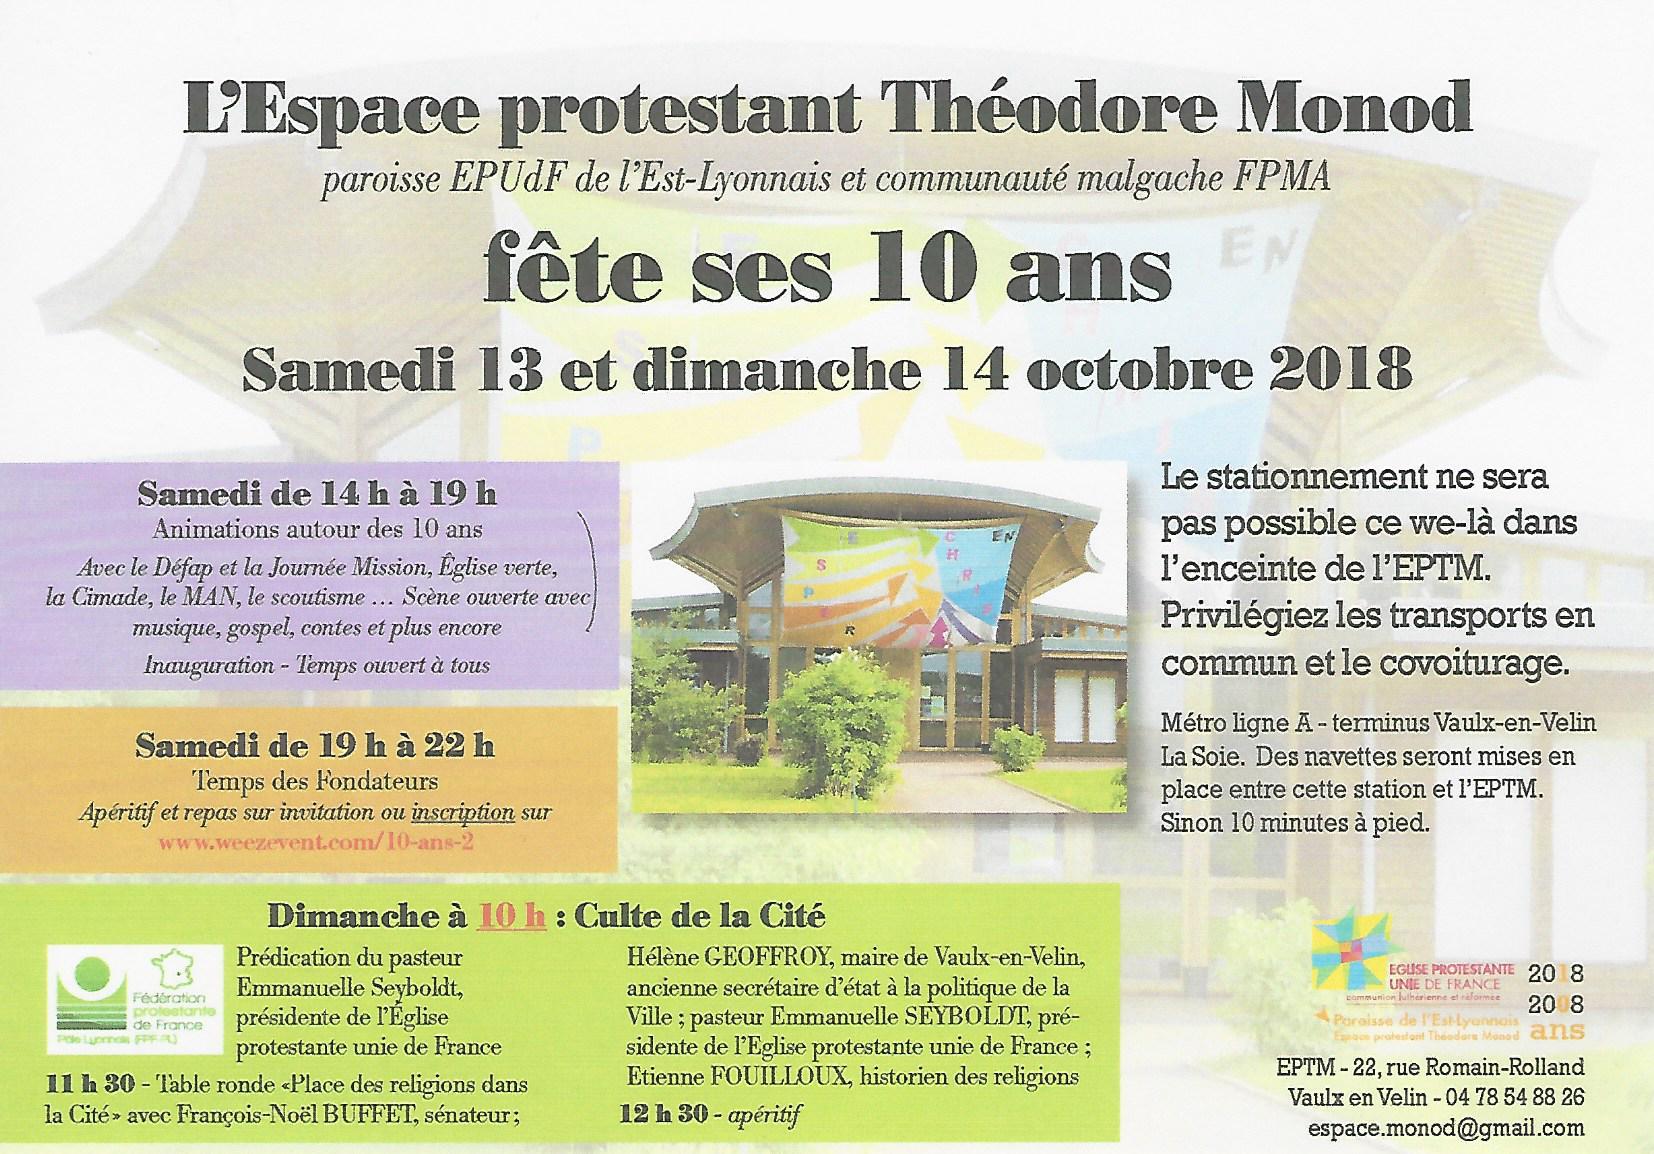 Les 10 ans Theodore Monod, le weekend du 13 et 14 Octobre